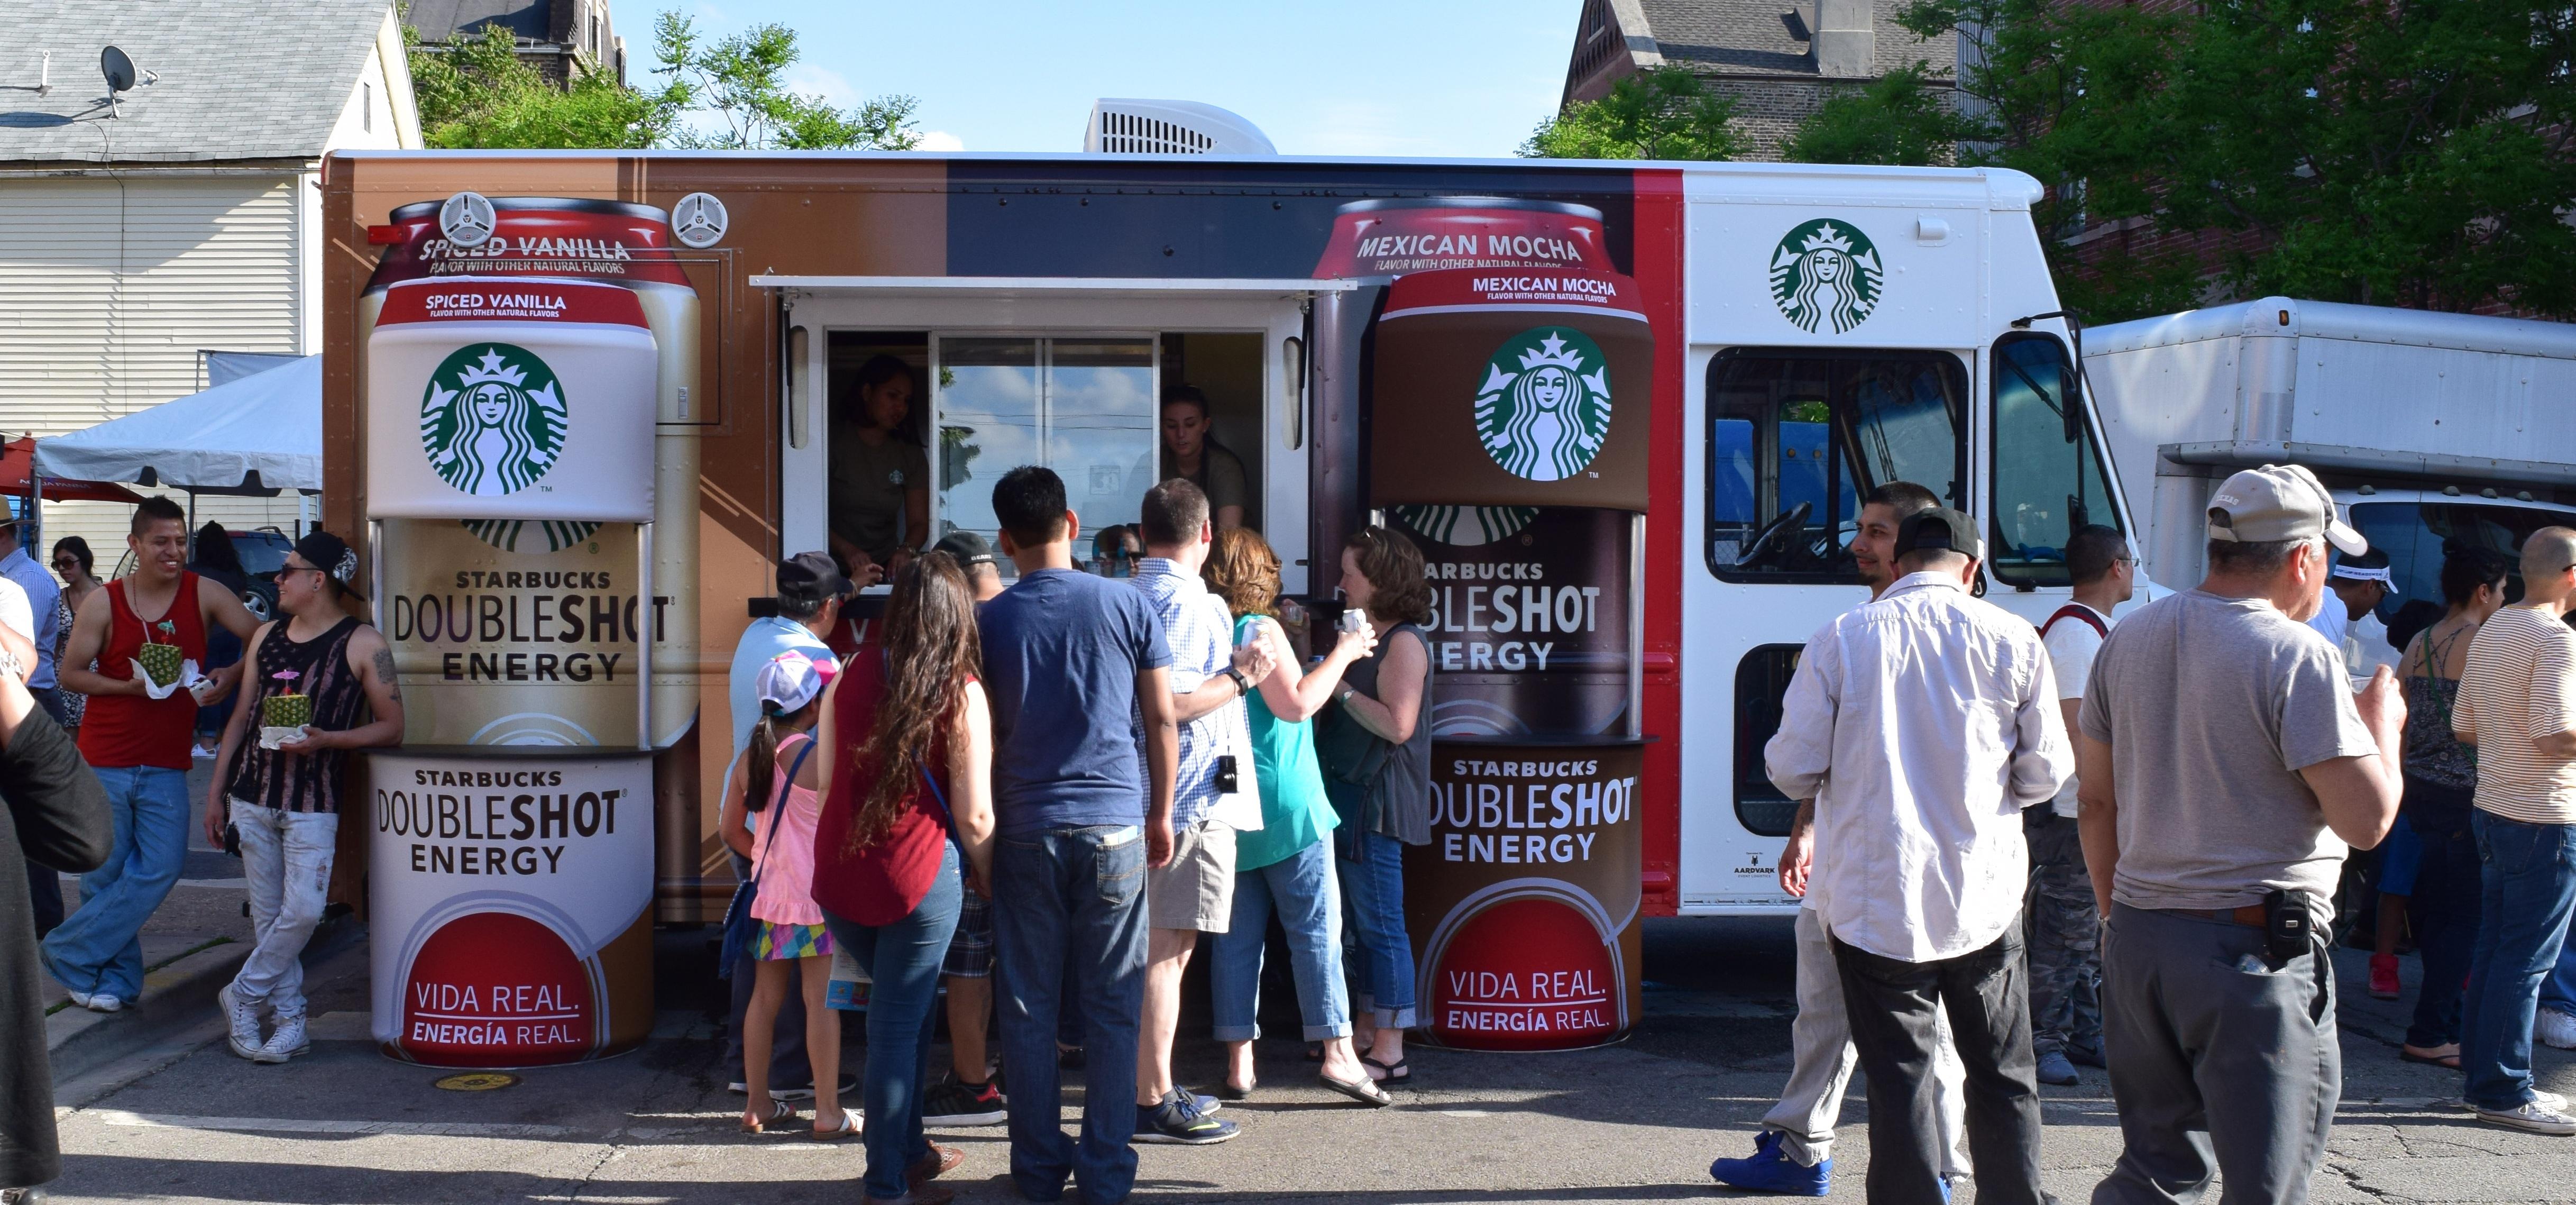 Starbucks Doubleshot Energy Mobile Tour.jpg